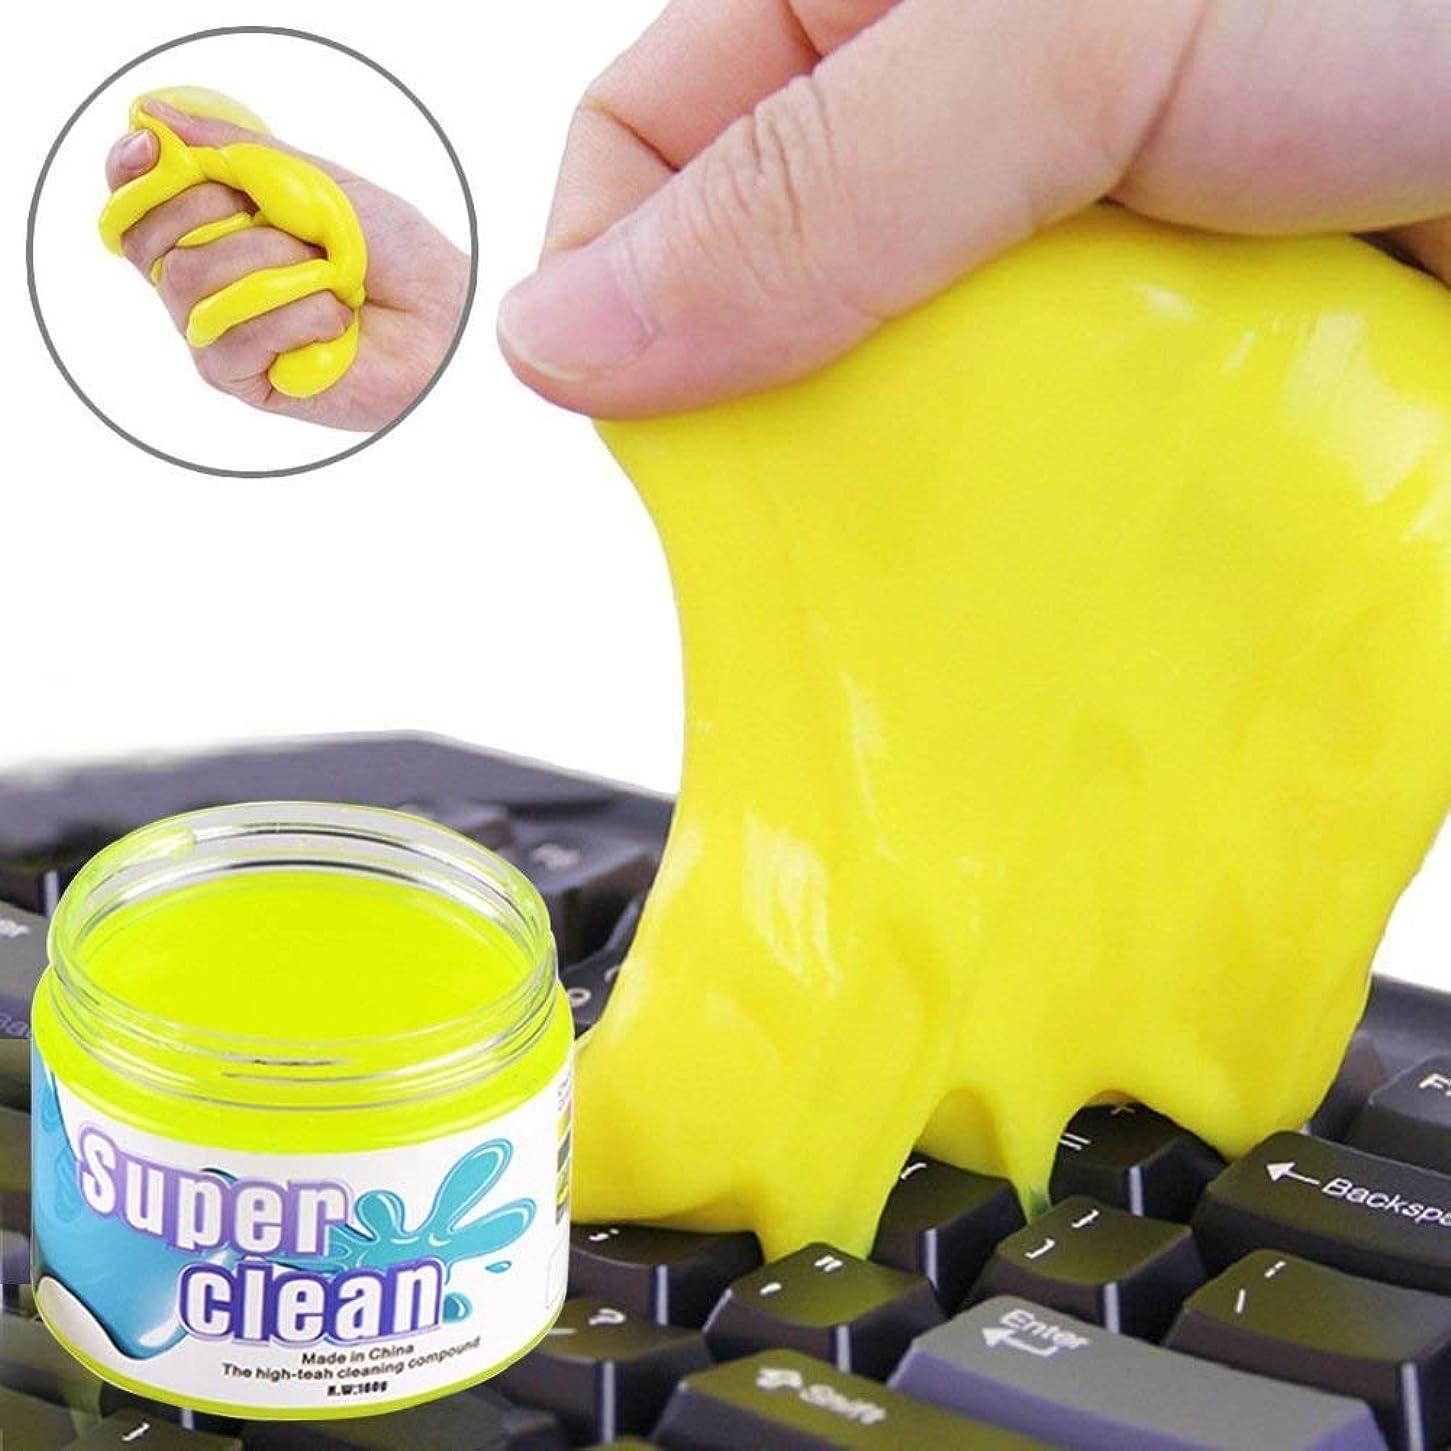 値する盟主マングルキーボード 掃除 クリーナー パソコン掃除スライム 車内掃除 強力粘着 隙間 ホコリ取り PC 車 エアコン 玩具掃除用クリーナー 繰り返し使用可能 黄色